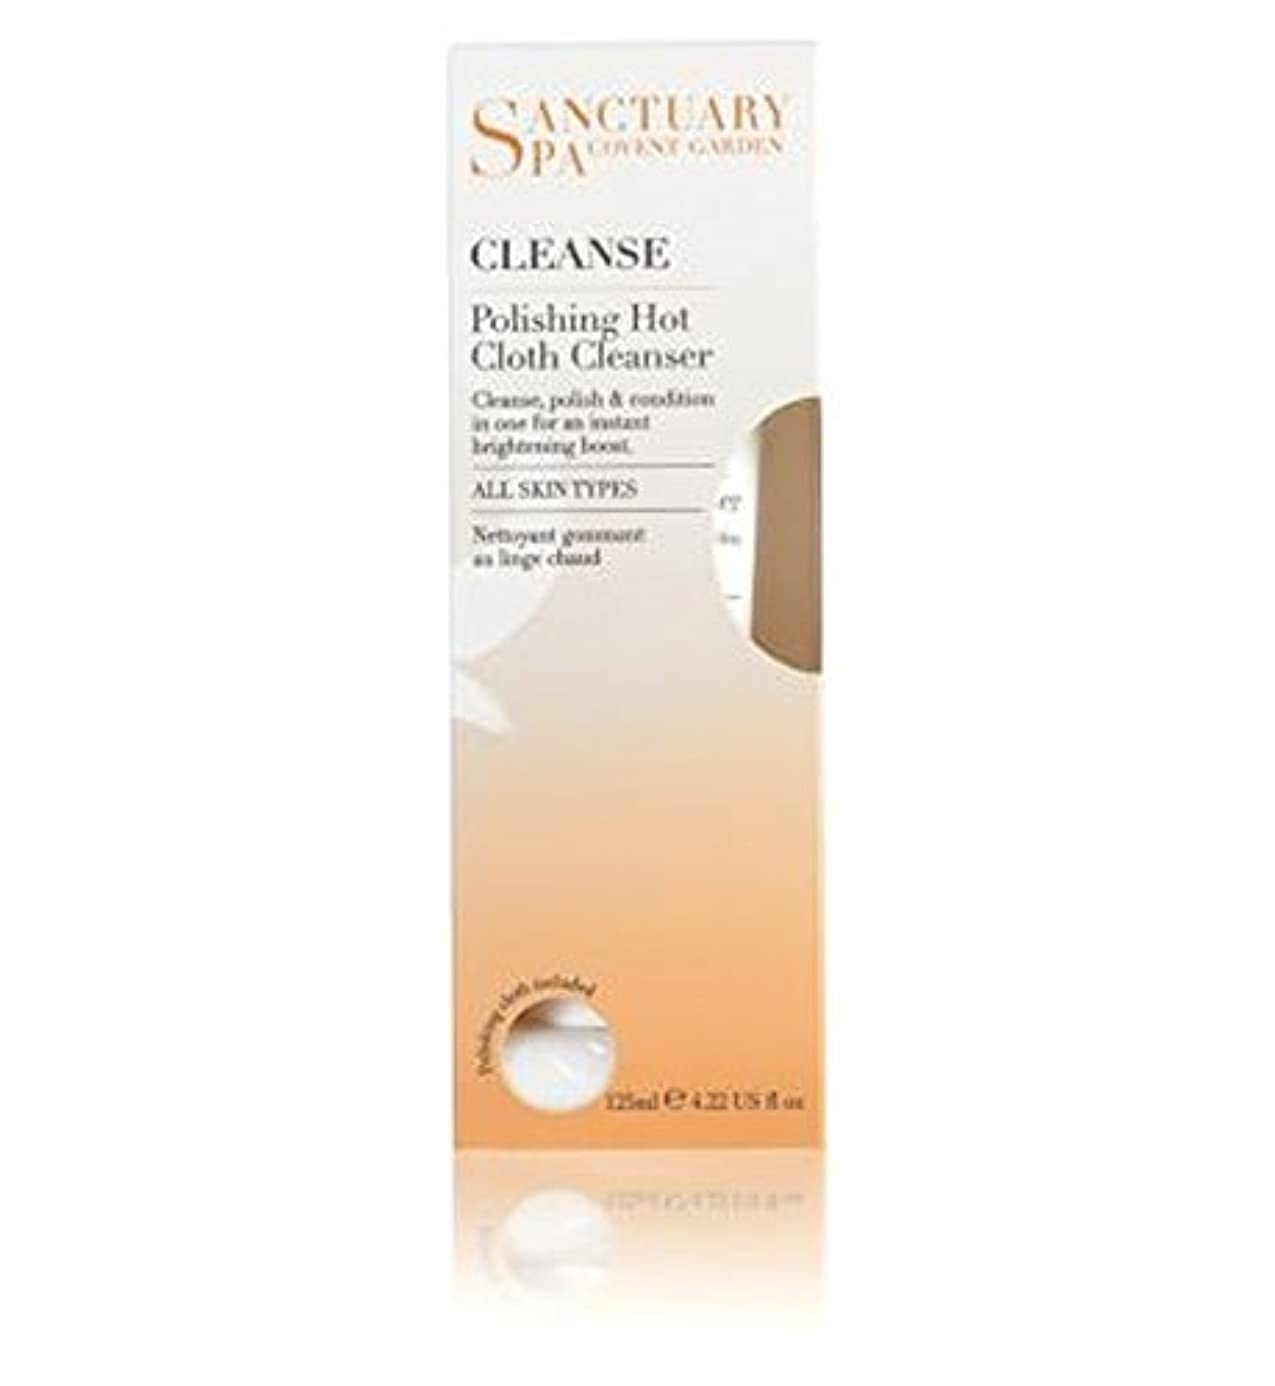 船外熱意伴うSanctuary Spa Polishing Hot Cloth Cleanser - 聖域スパ研磨ホット布クレンザー (Sanctuary) [並行輸入品]